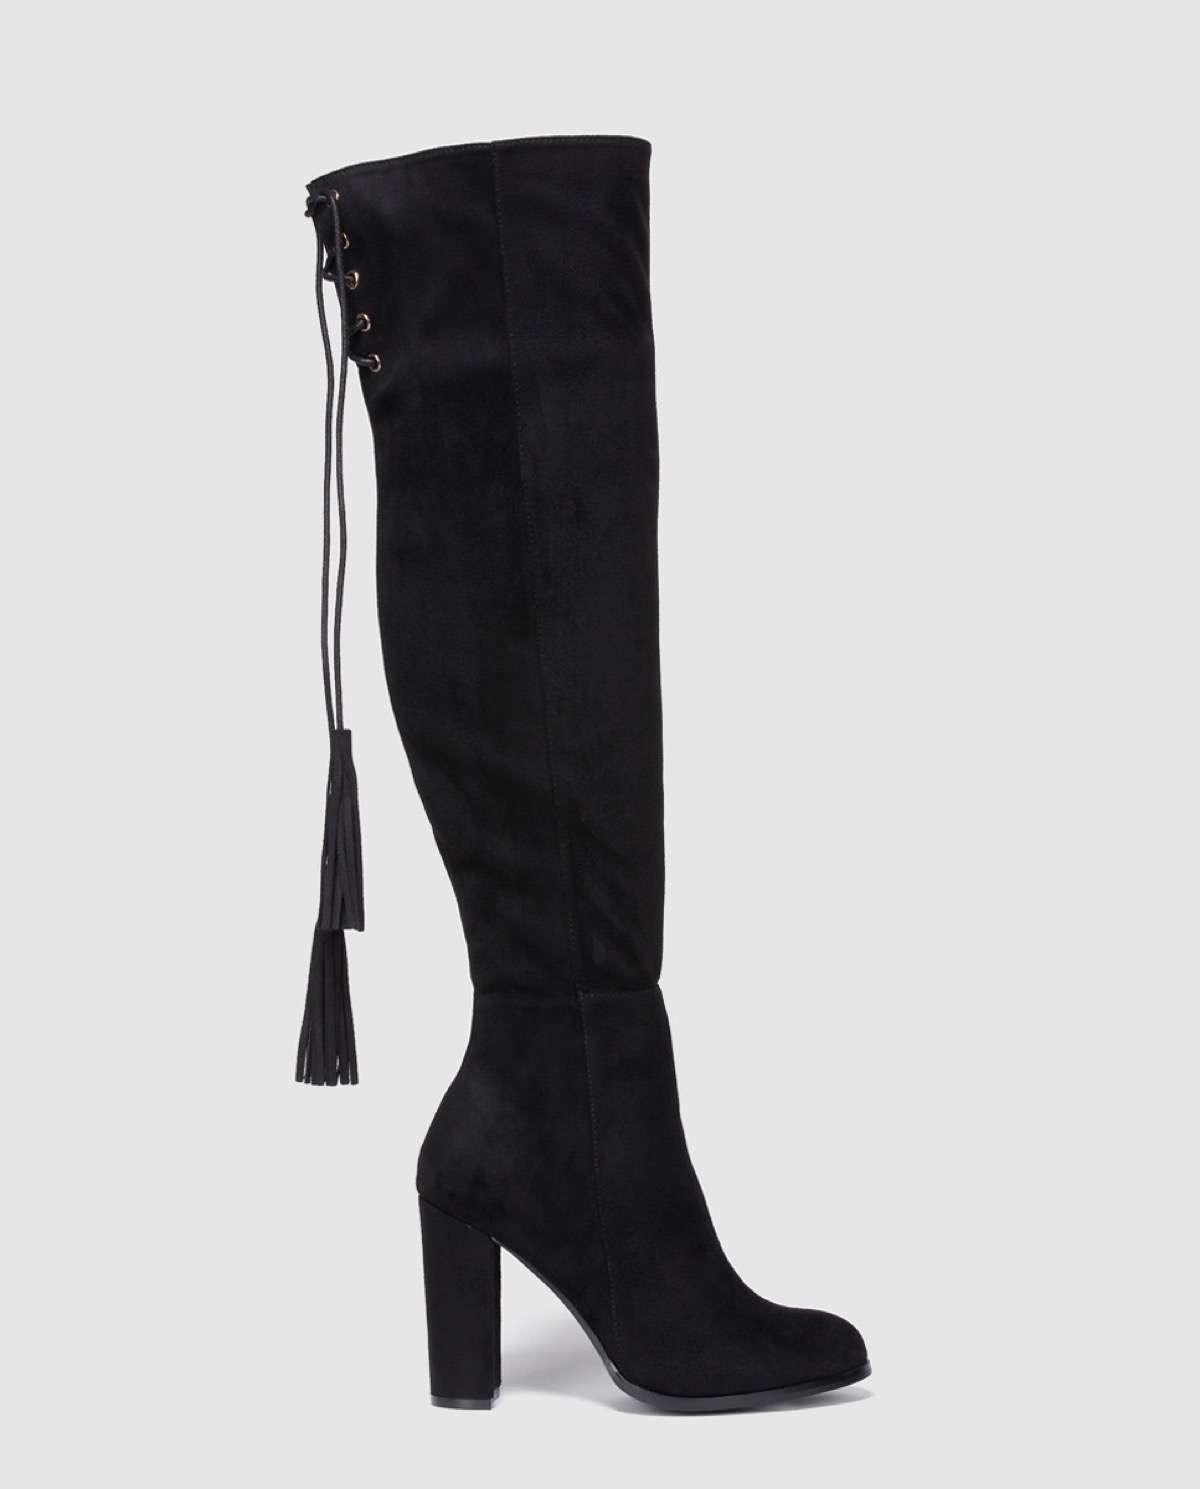 elegante en estilo diseñador nuevo y usado envío gratis Botas altas por encima de la rodilla, así las llevan las ...